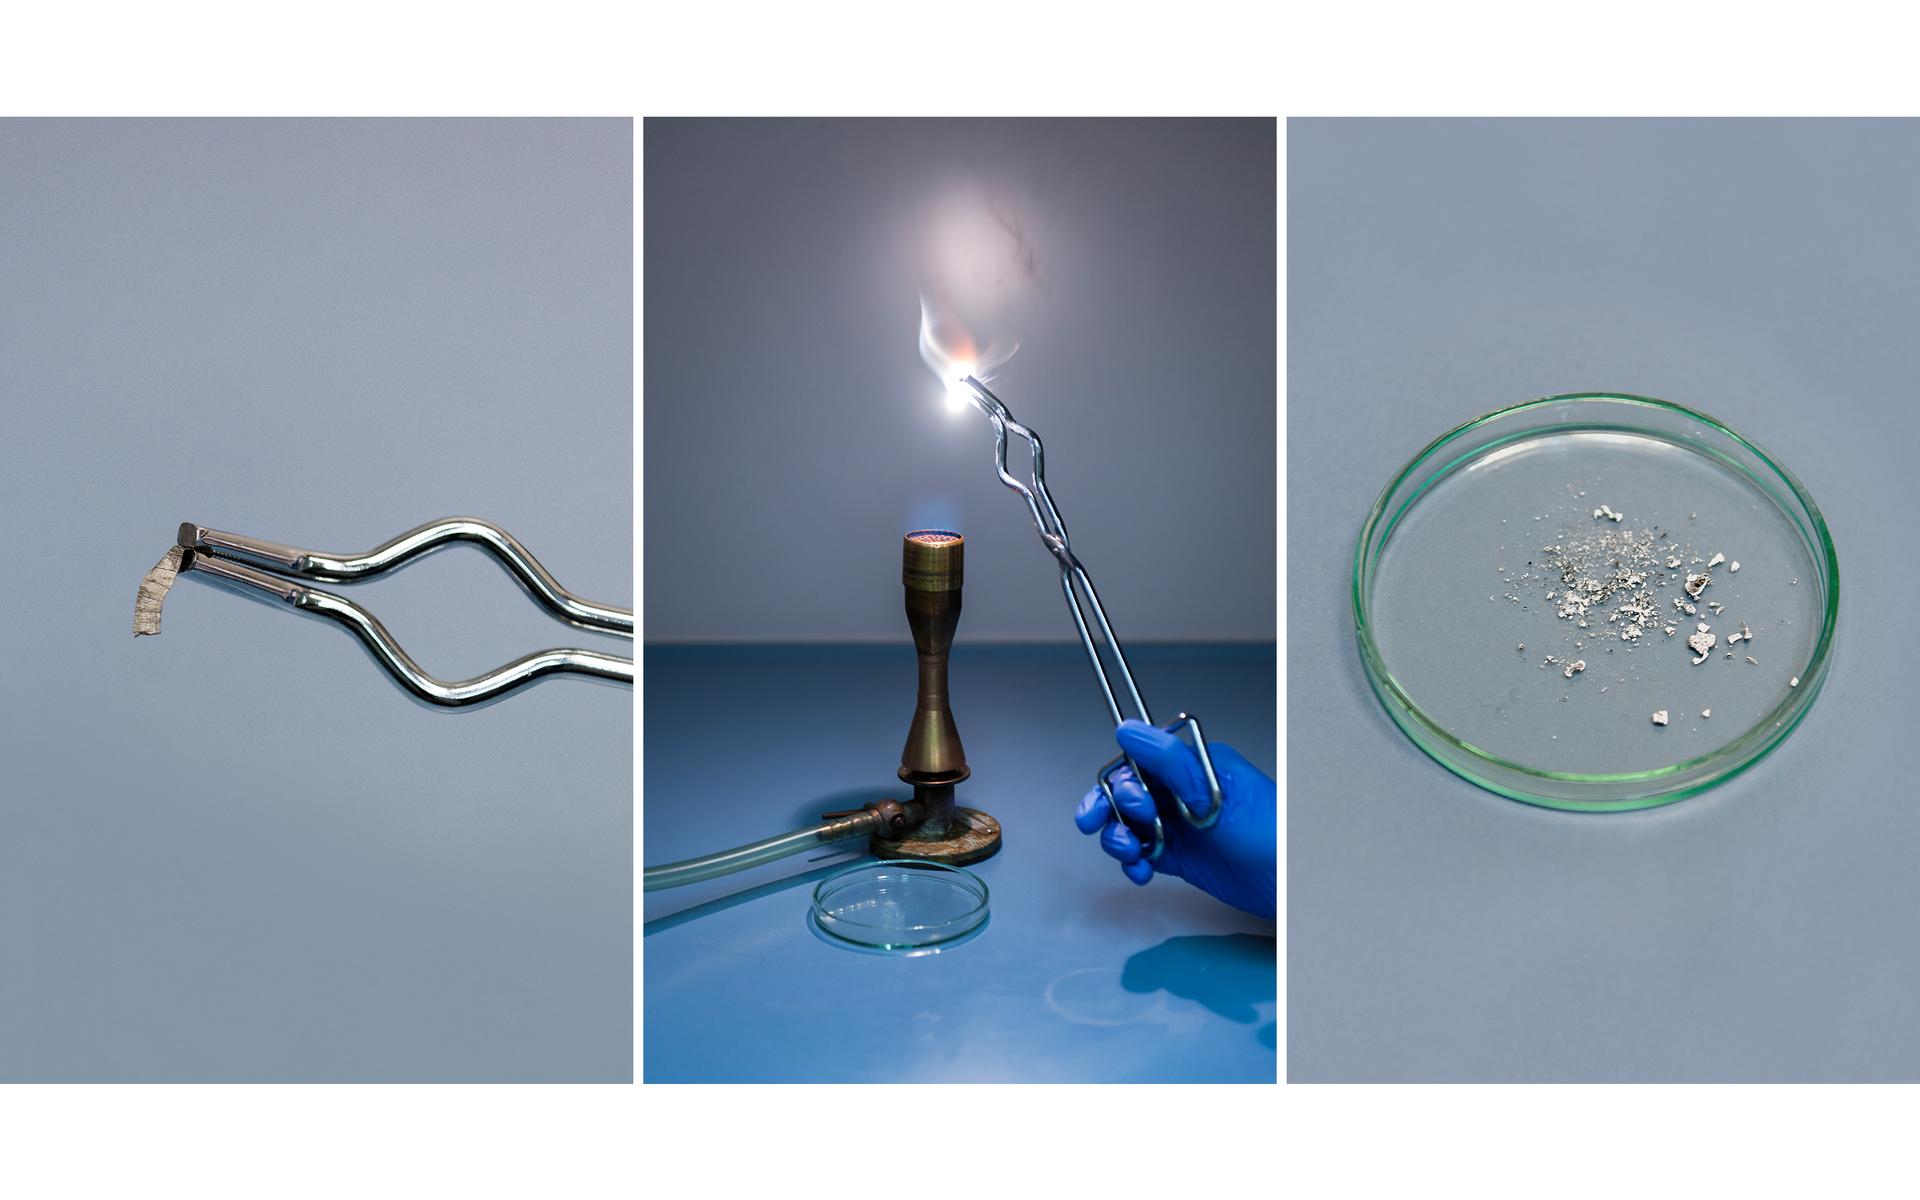 Ilustracja prezentuje trzy zdjęcia umieszczone obok siebie prezentujące eksperyment polegający na spalaniu wstążki magnezowej. Pierwsza fotografia od lewej przedstawia końcówkę szczypiec trzymające krótki kawałek szarej metalicznej wstążki. Na drugim zdjęciu dłoń wochronnej rękawicy trzyma płonący jasnym światłem metal nad palnikiem gazowym. Tuż obok palnika na blacie stołu leży naczynie Petriego. Trzecie zdjęcie przedstawia wspomnianą szalkę zbliska. Leży na niej produkt spalania, biały proszek tlenek magnezu.